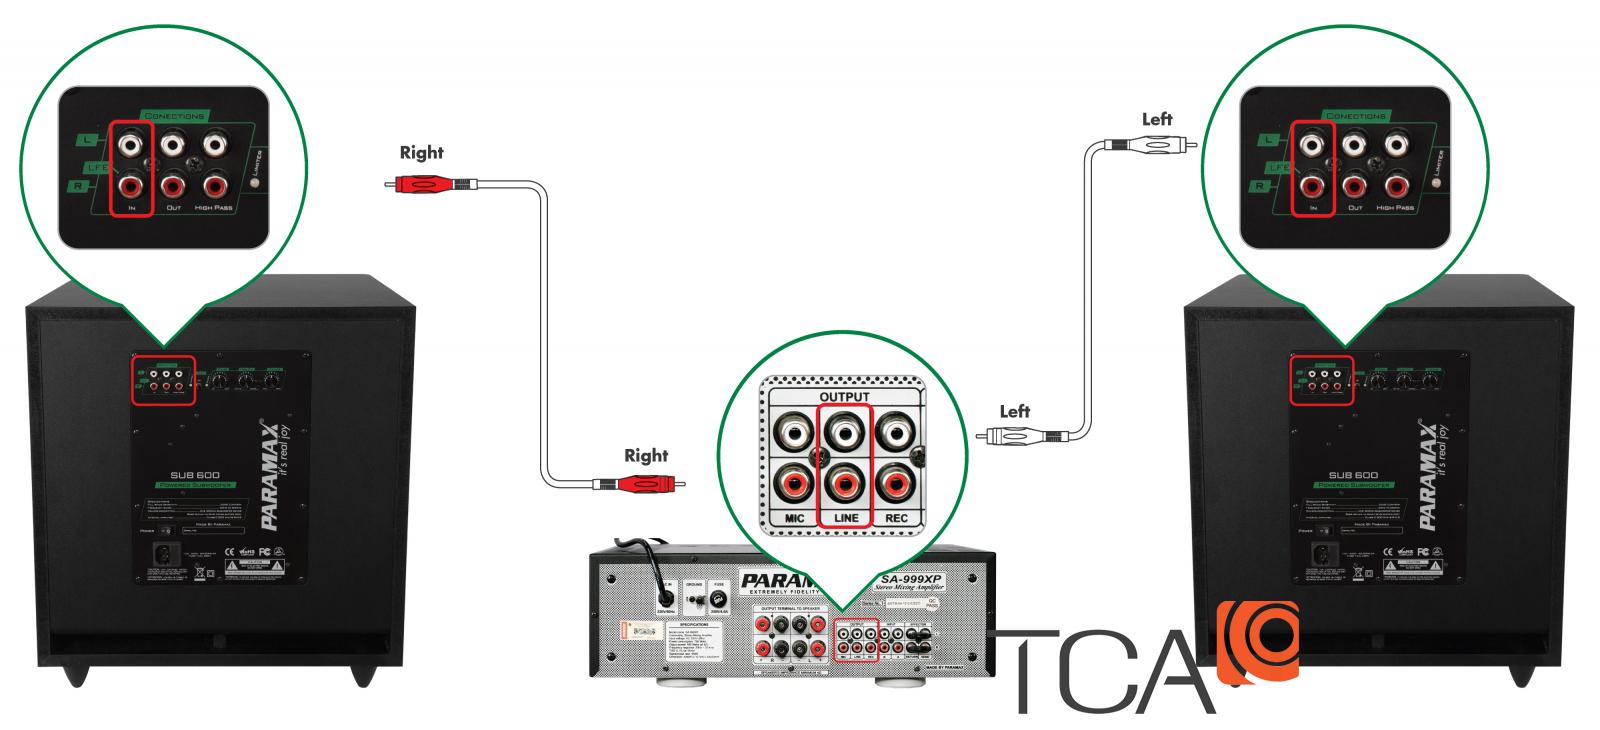 Hướng dẫn kết nối loa sub trong bộ bộ dàn (sử dụng 2 loa sub)